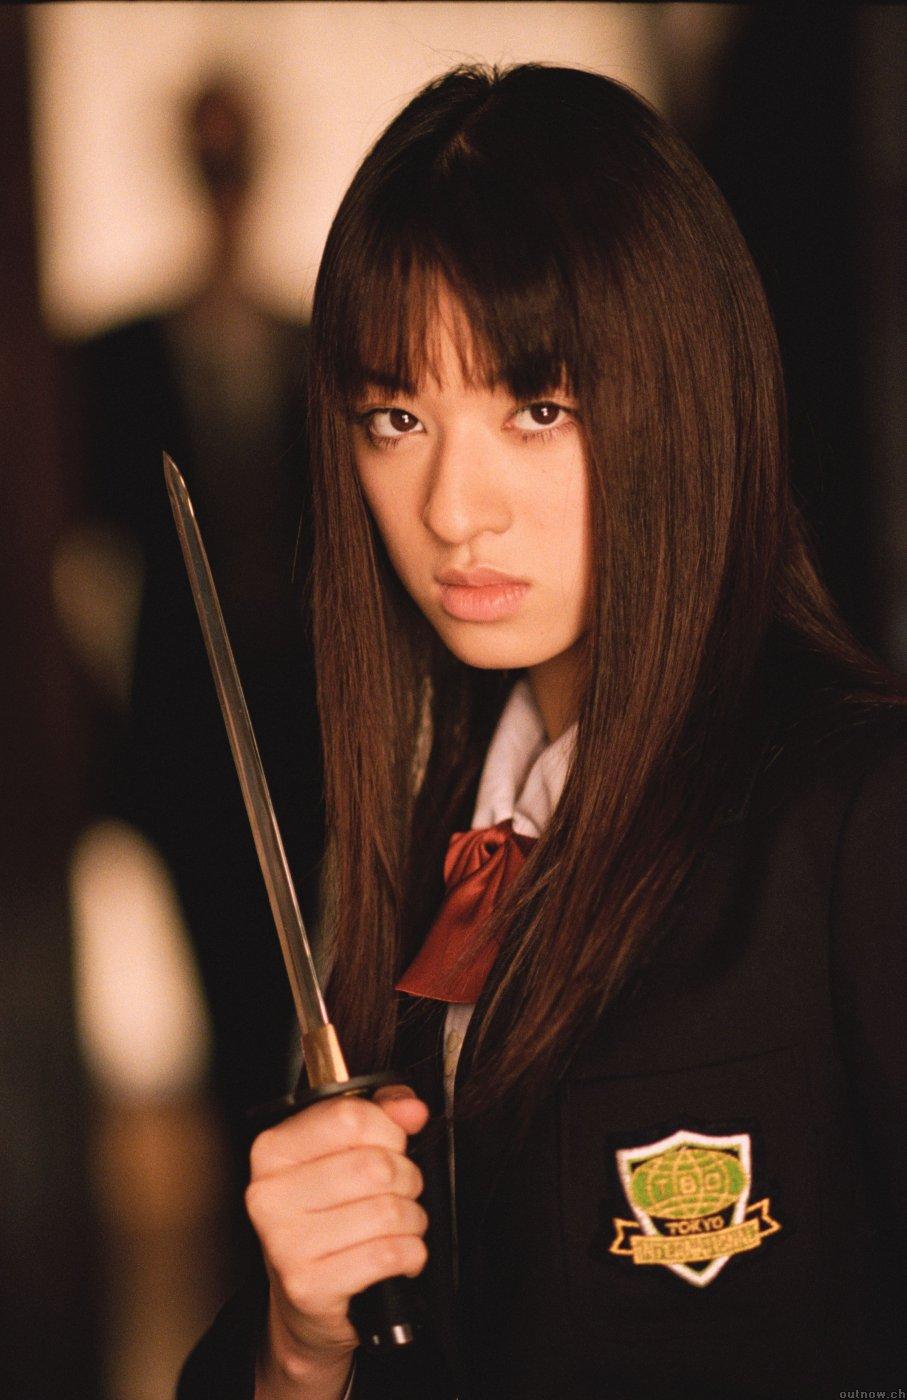 Gogo Yubari Villains Wiki Fandom #gogo yubari #chiaki kuriyama #kill bill vol 1 #film #kill bill #quentin tarantino #gifs #kb1* #1000. gogo yubari villains wiki fandom